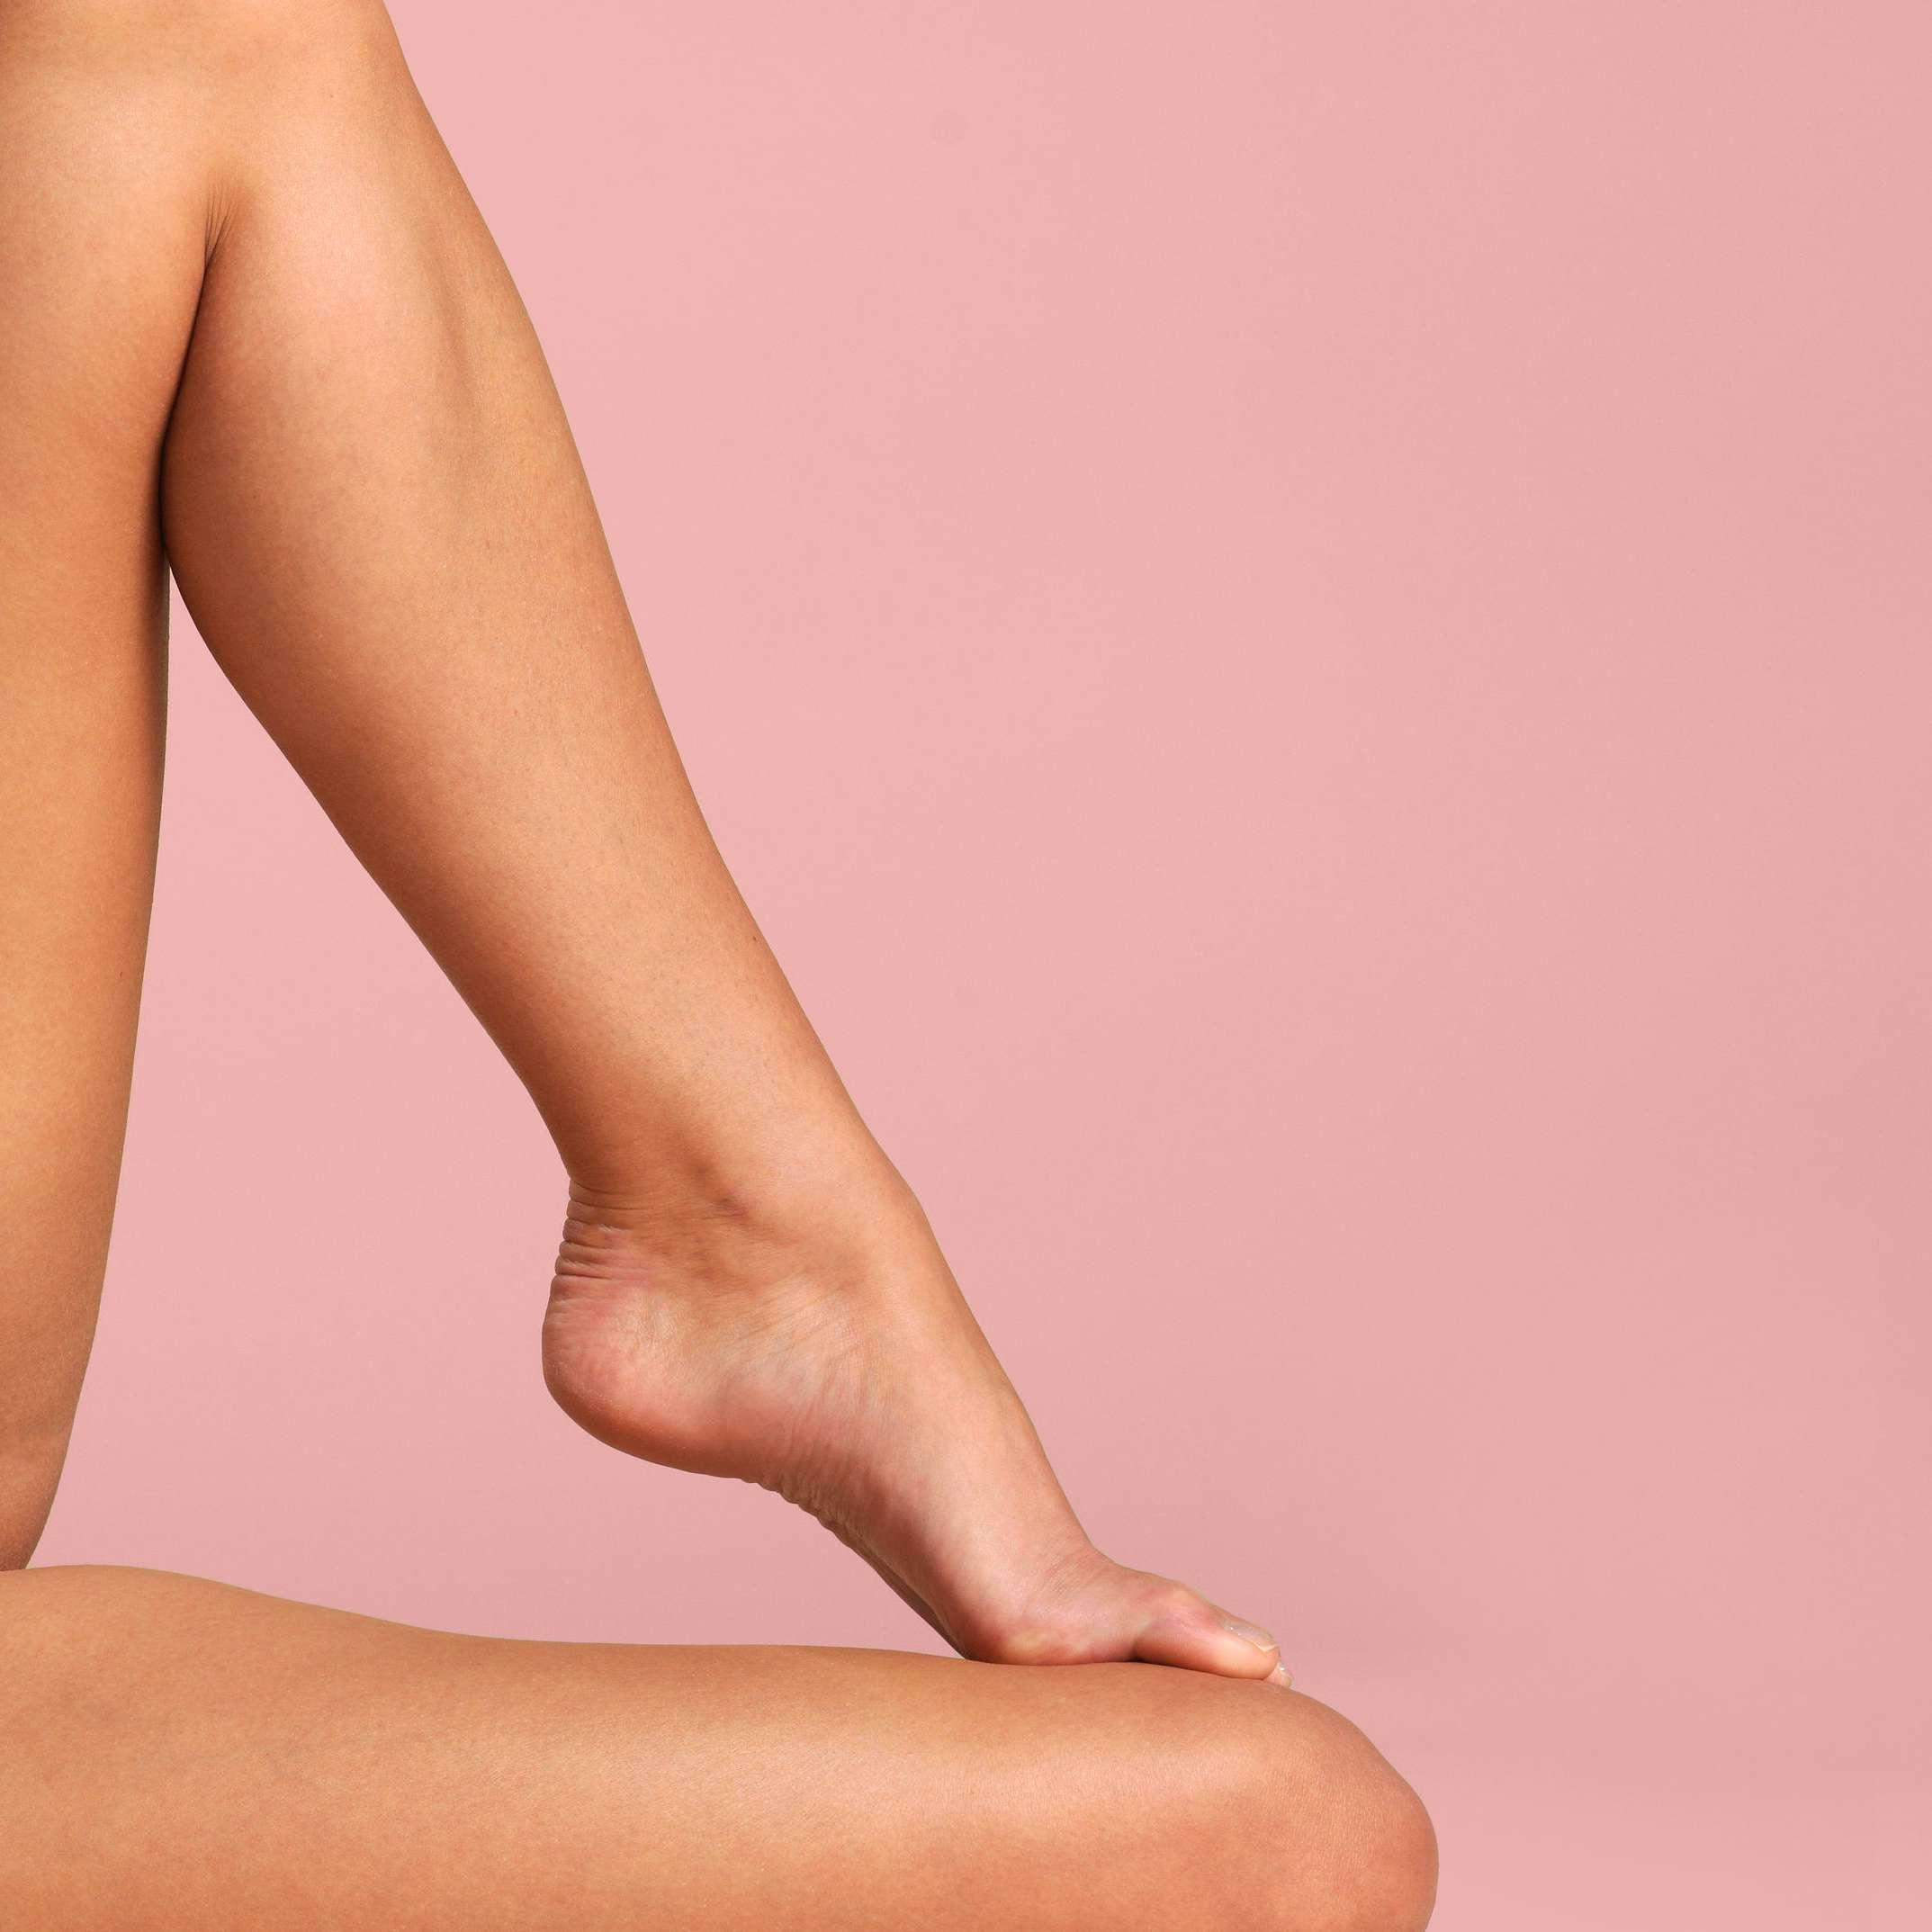 15 Top Pictures Black Dots On Legs Ingrown Hairs - Ingrown